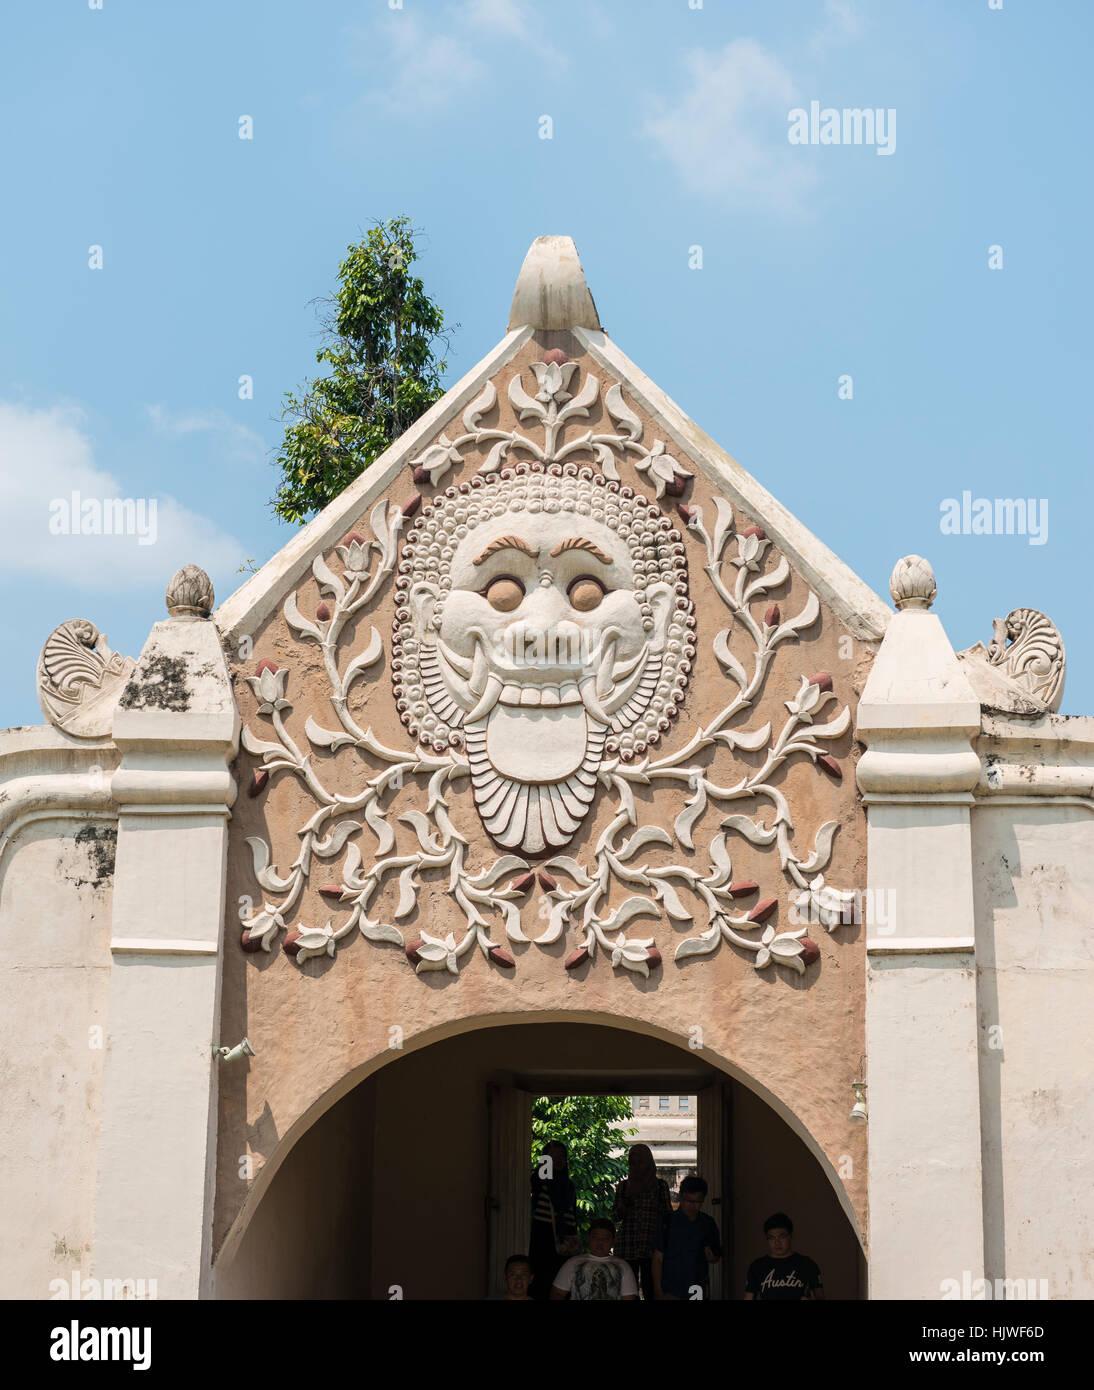 Rilievo di un grimace di un arco, moated il castello, Castello d'acqua Taman Sari, Kraton, Daerah Istimewa Yogyakarta, Immagini Stock